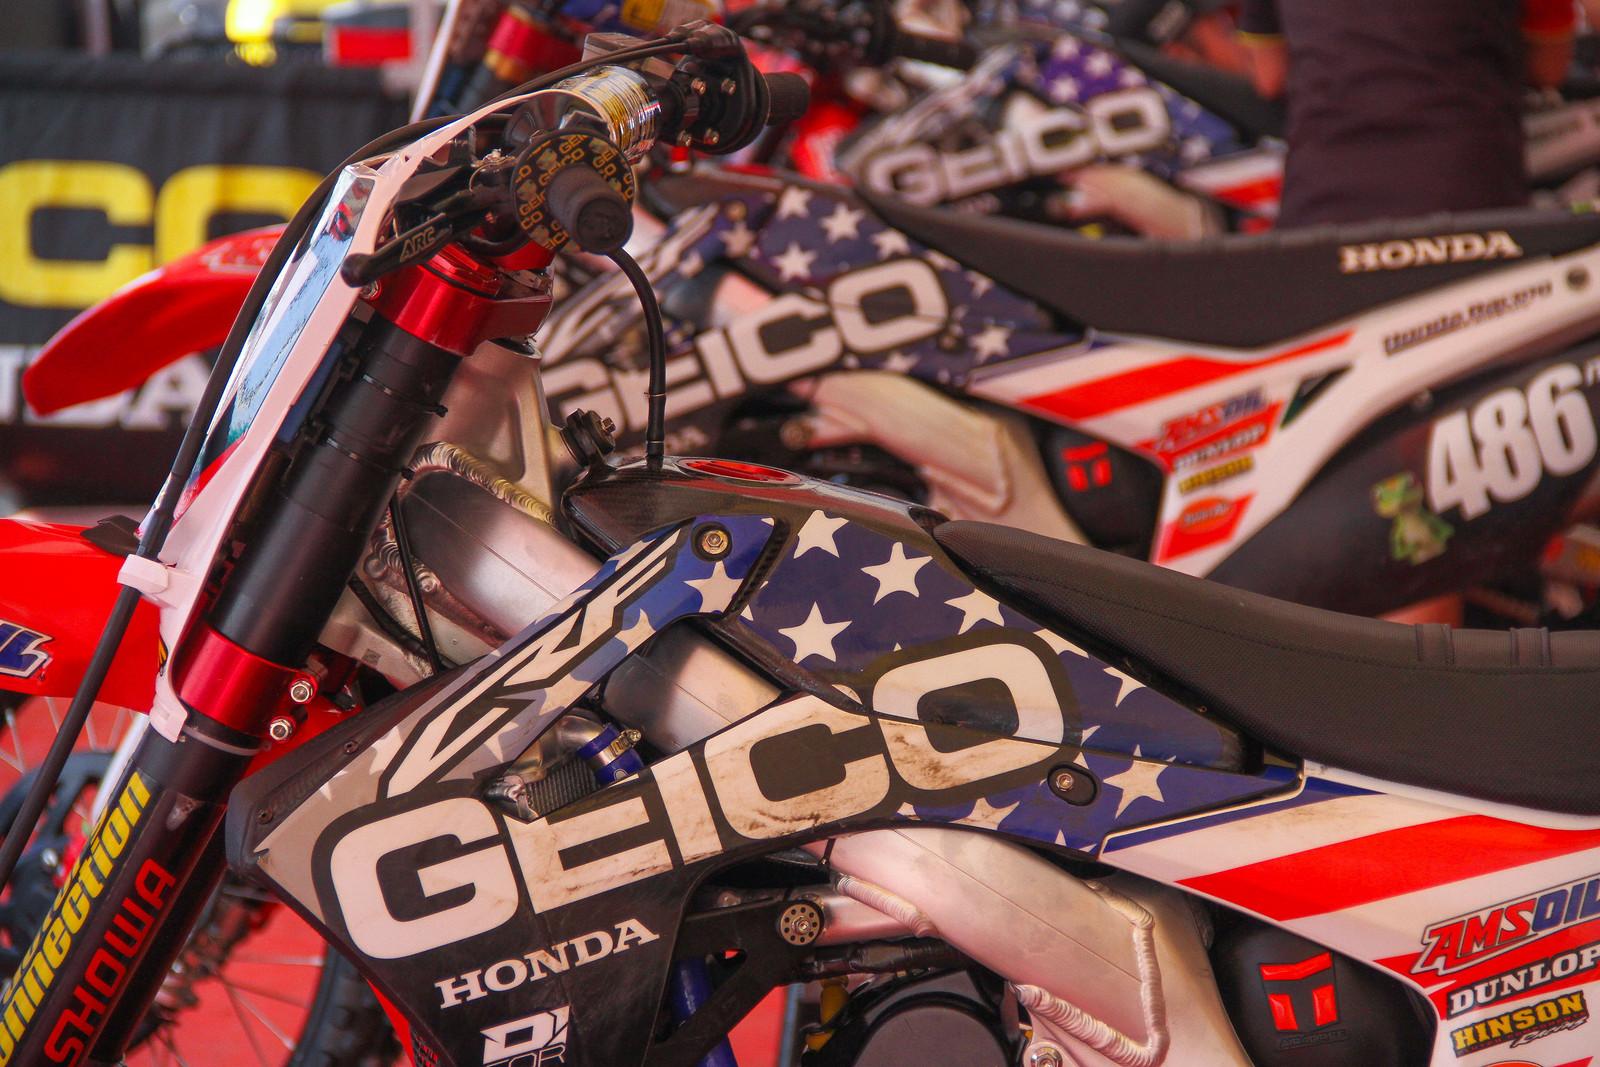 GEICO Honda - ayearinmx - Motocross Pictures - Vital MX